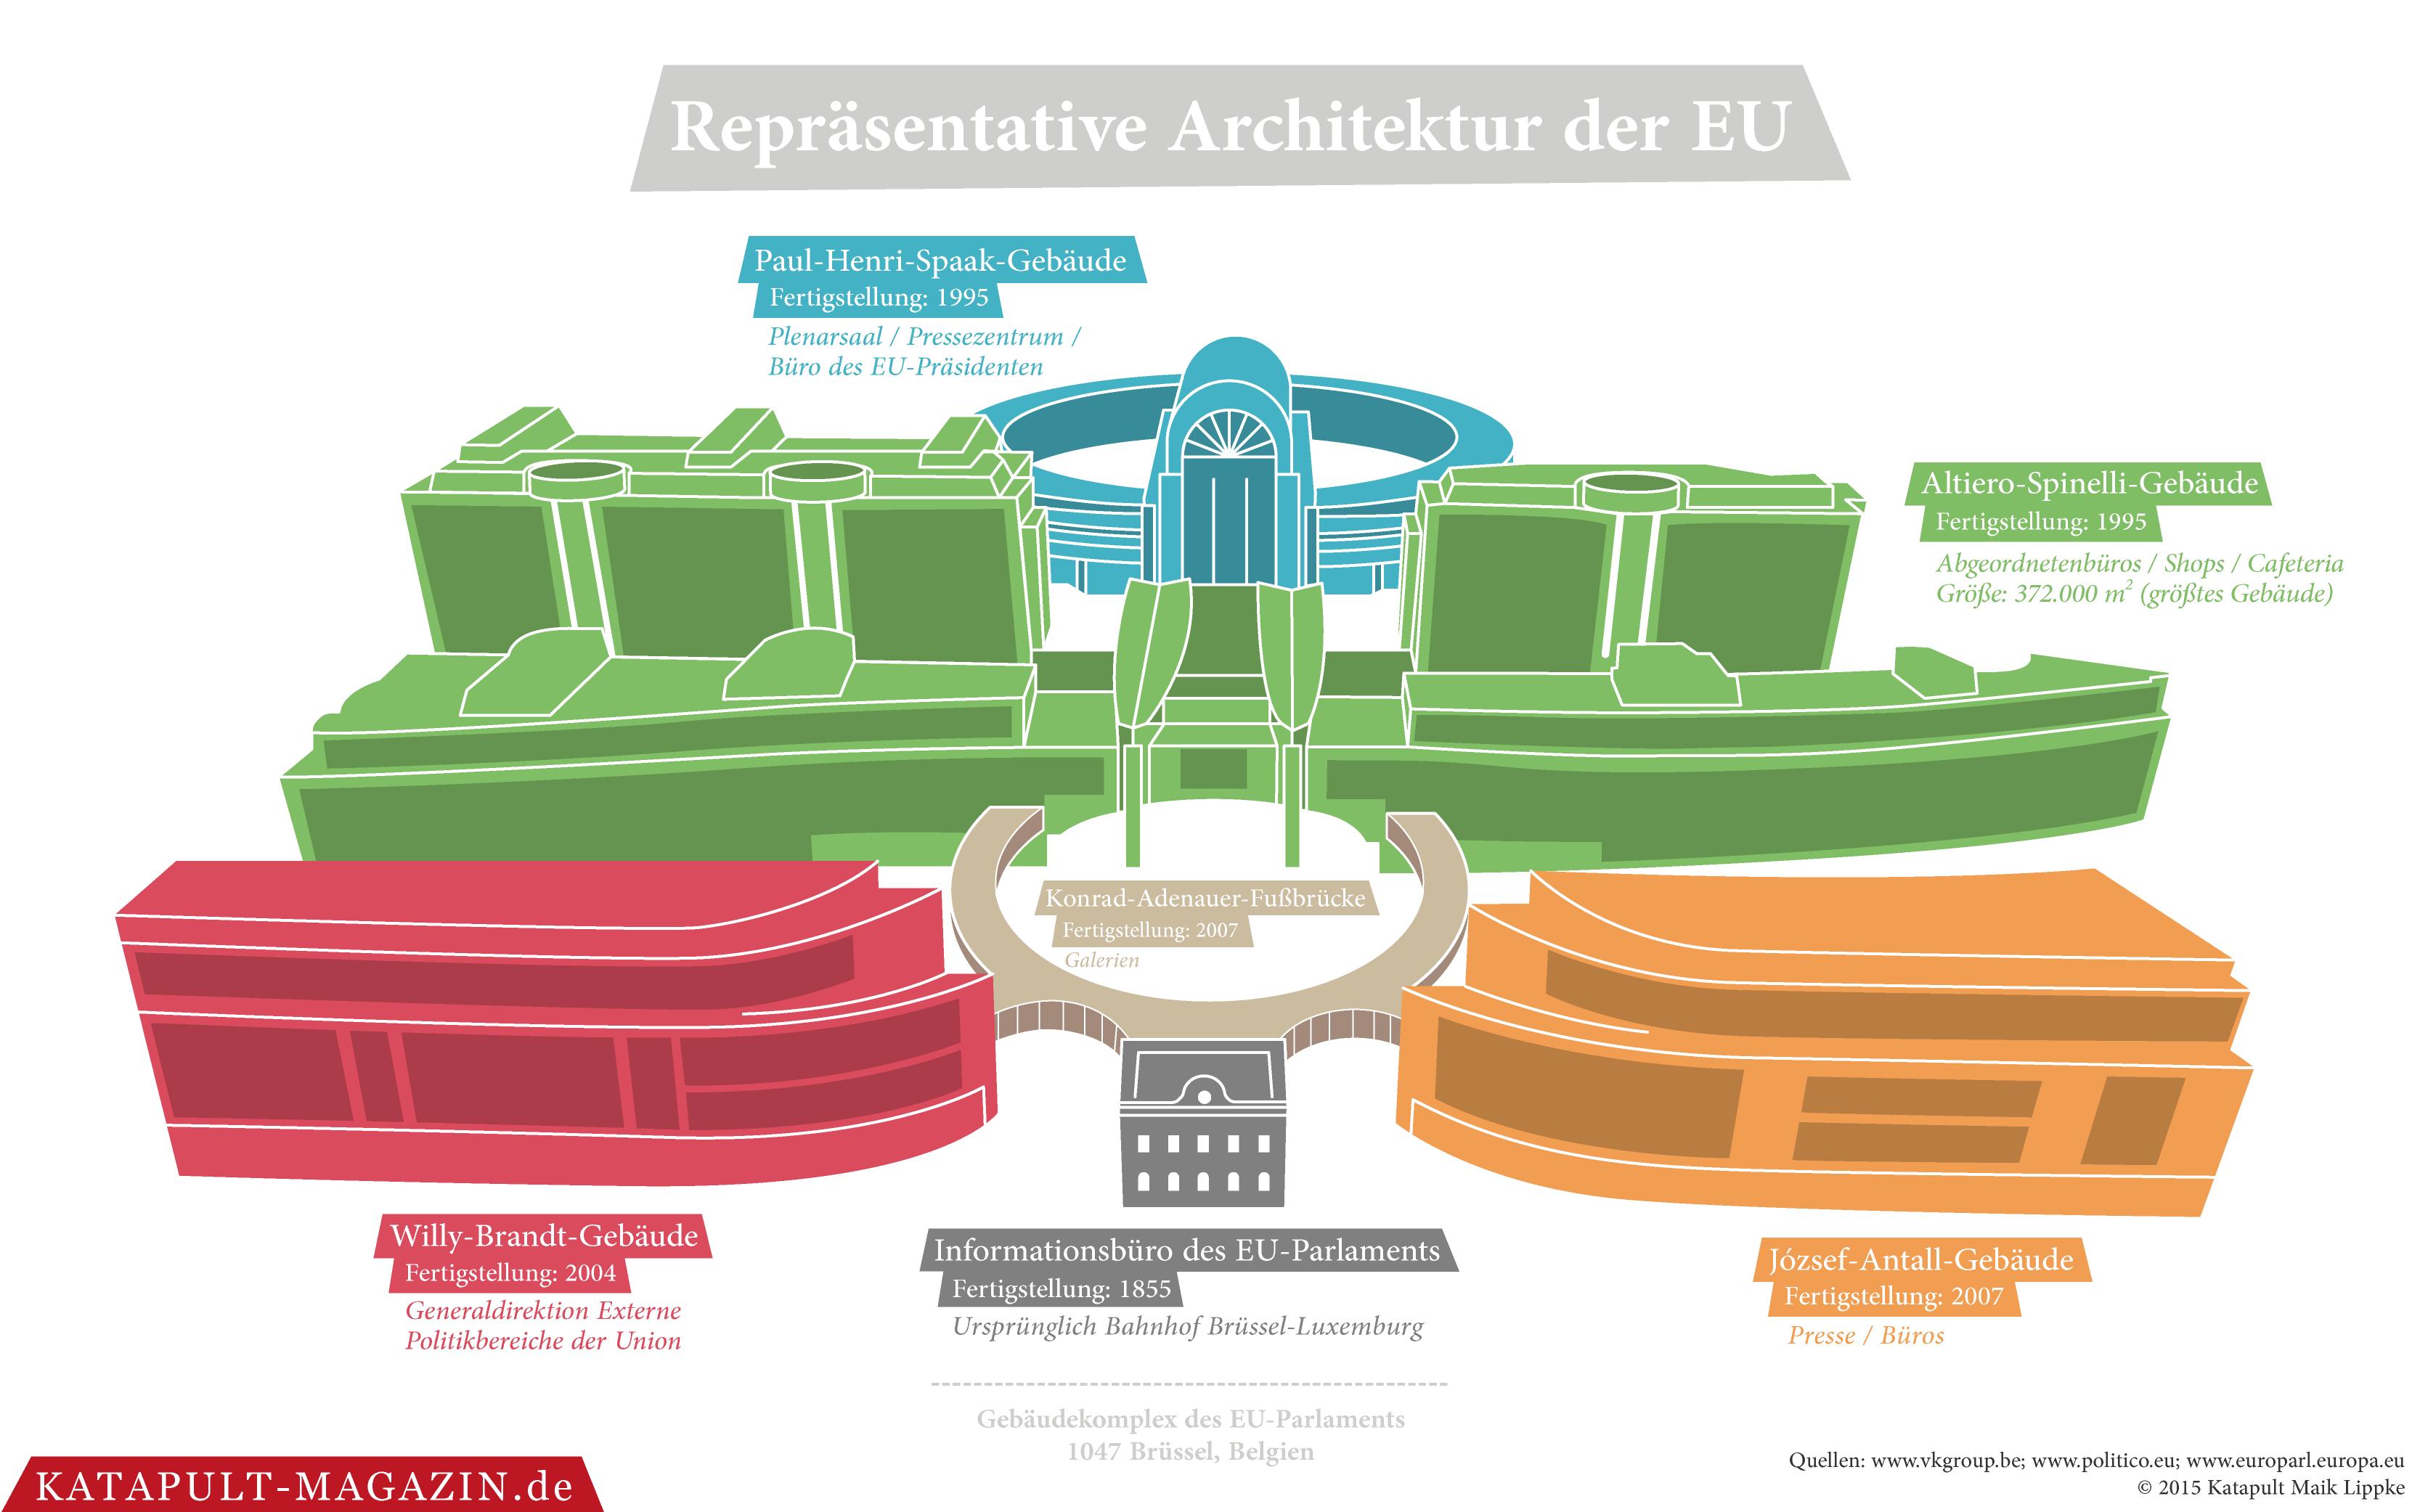 Architektur magazin interesting baumeister das for Architektur magazin